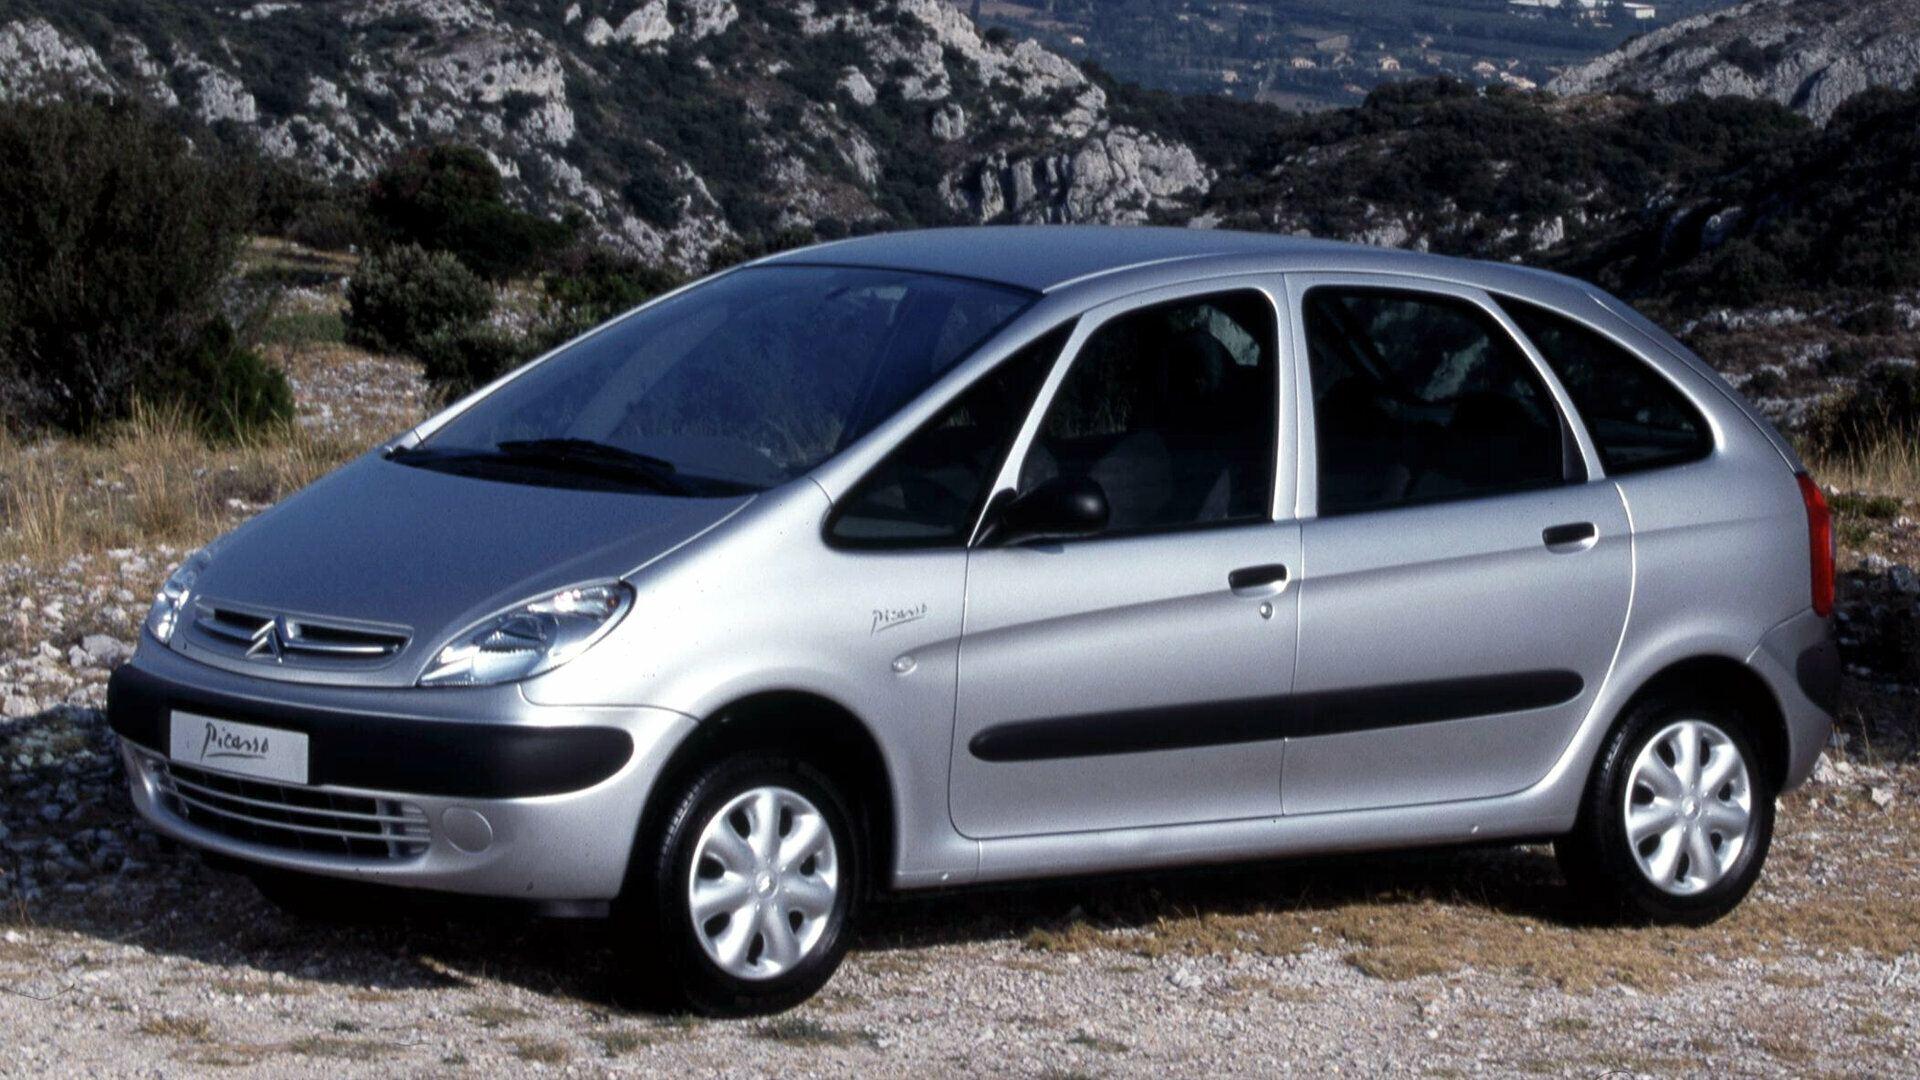 Coche del día: Citroën Xsara Picasso